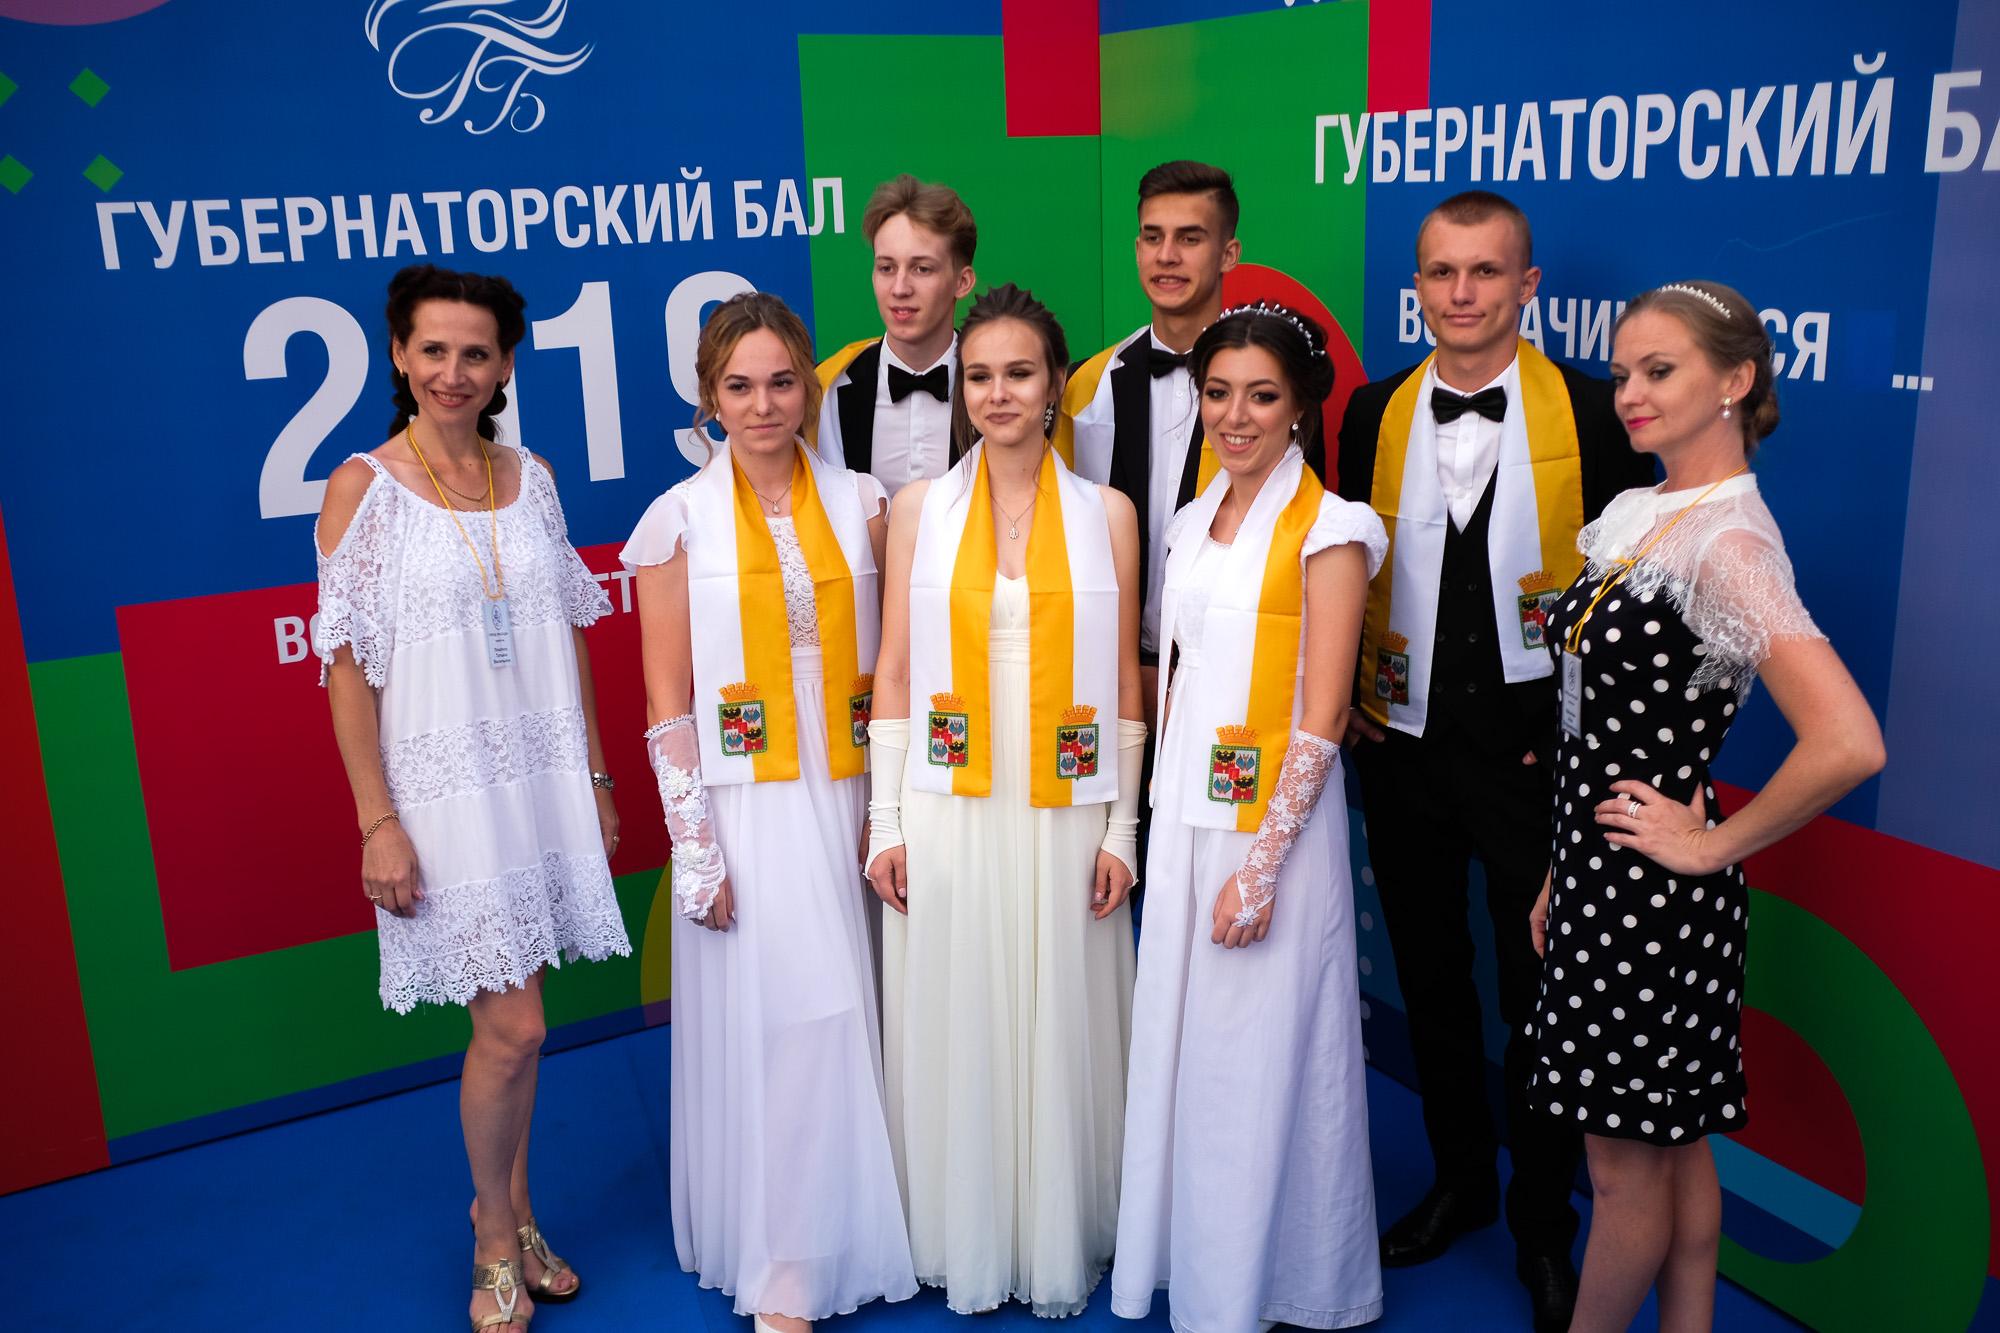 Nikolai_khizhniak-30